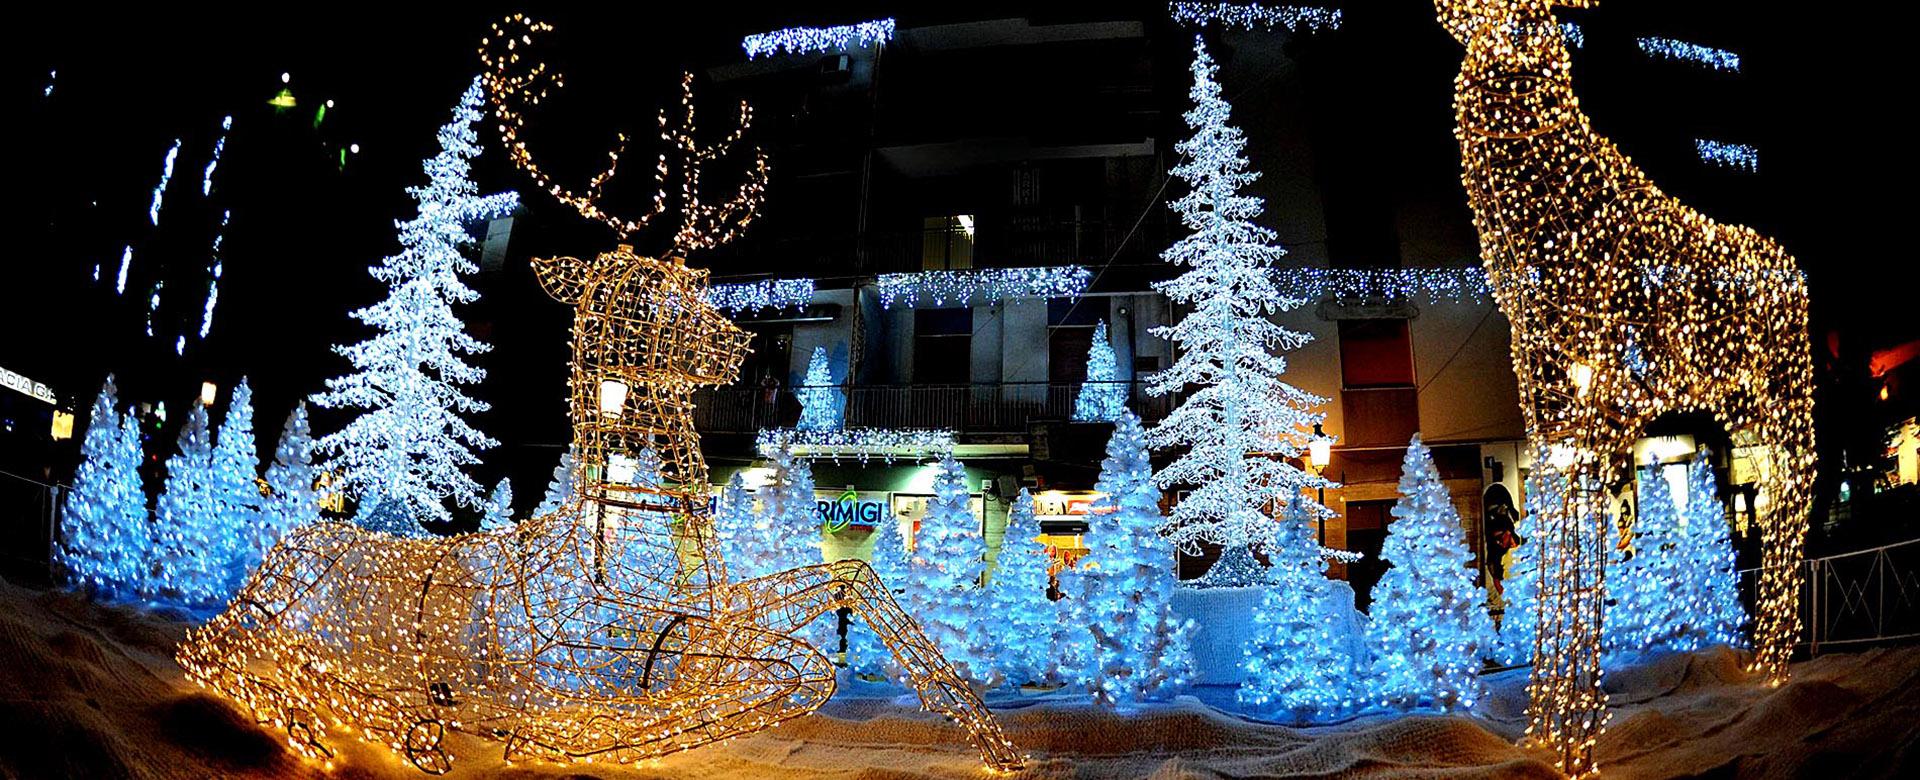 Illuminazione Natale Salerno: Luci d artista decorazioni in piazzetta ...